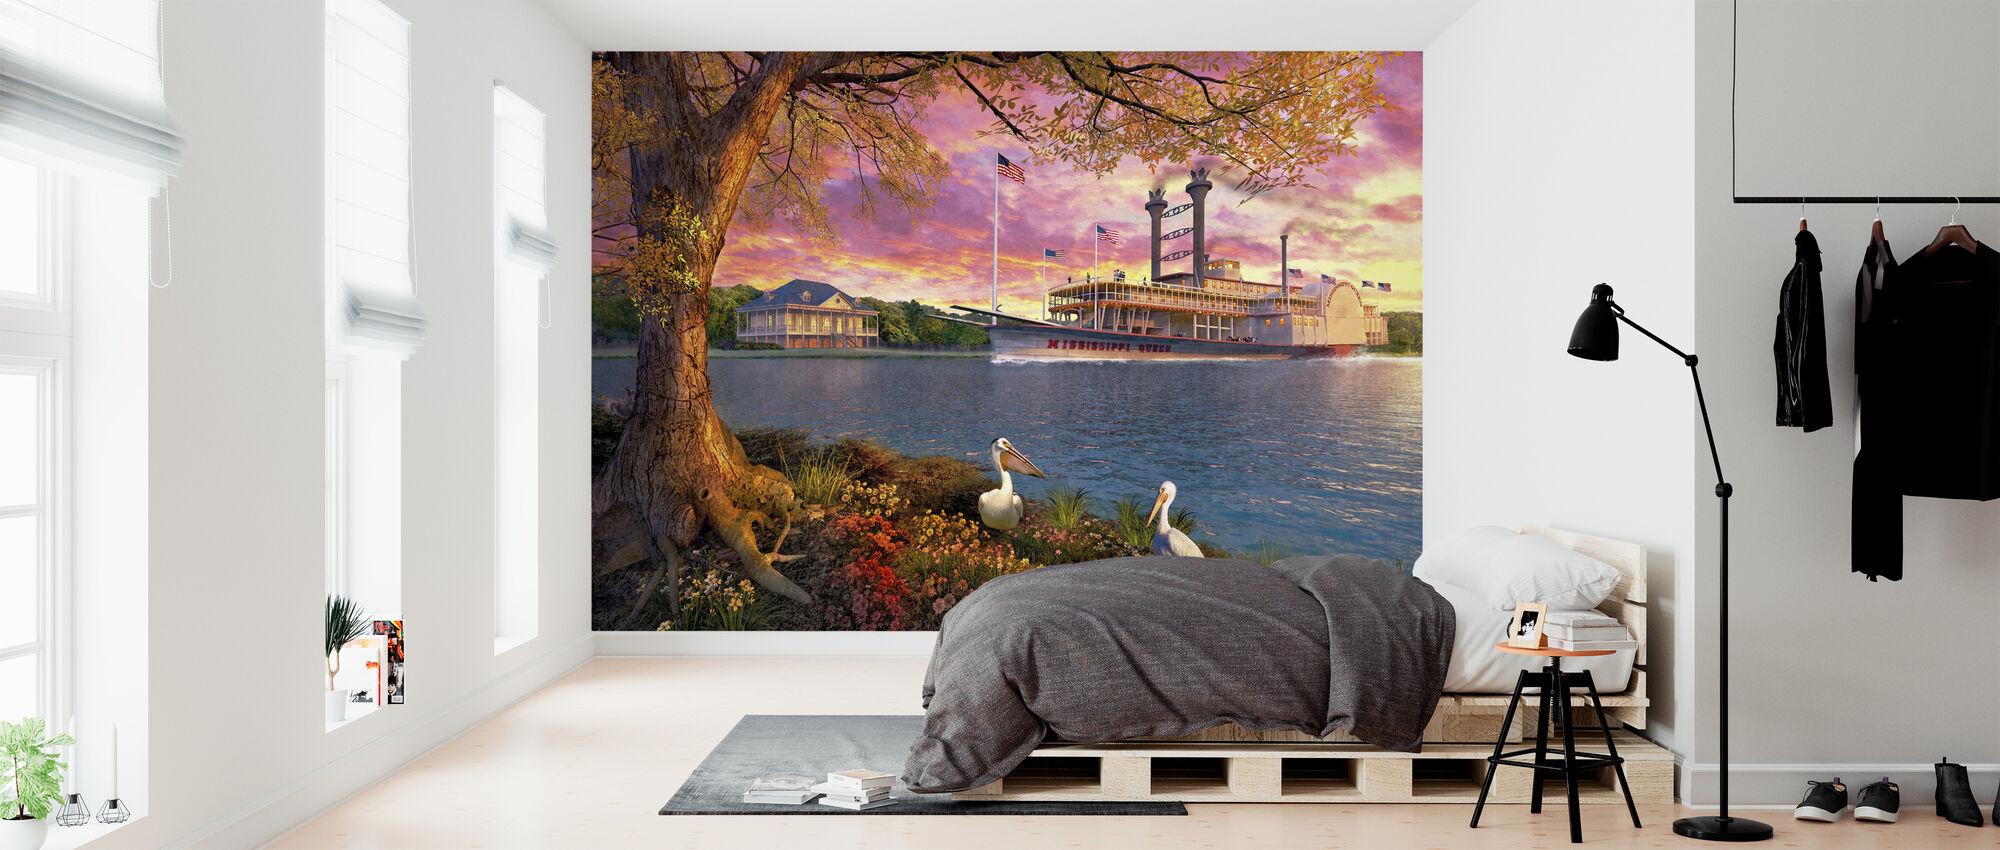 Mississippi-koningin - Behang - Slaapkamer